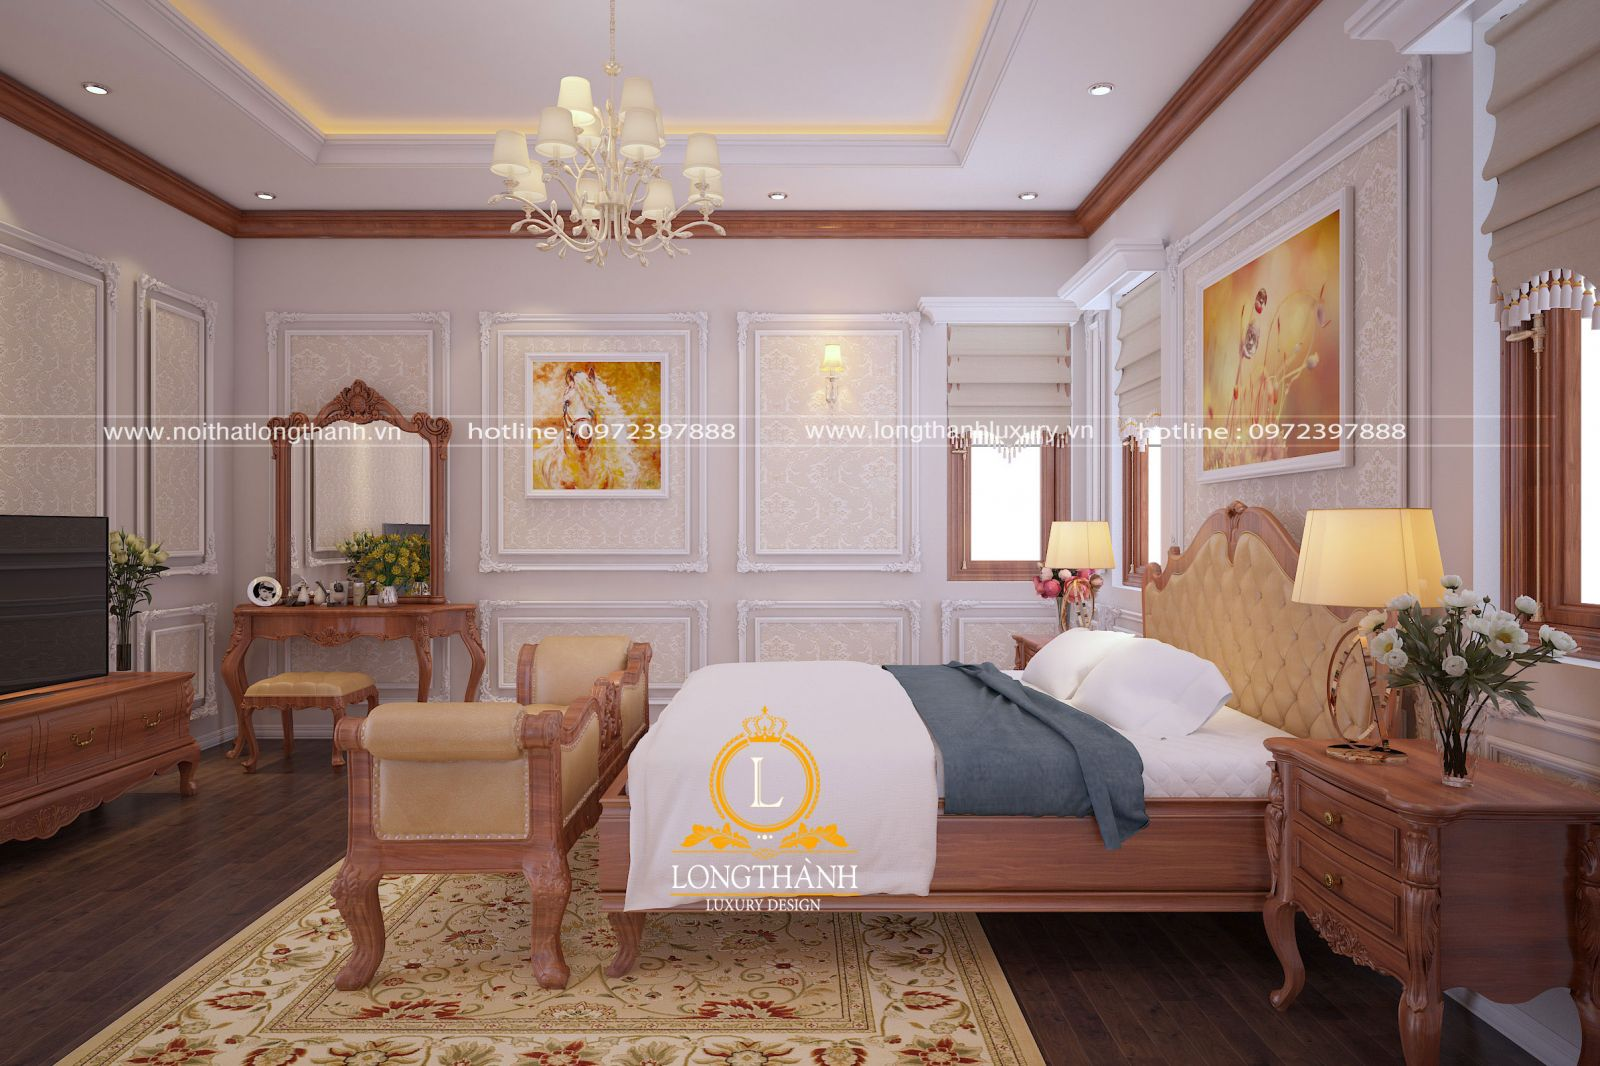 Trang trí nội thất phòng ngủ theo phong cách tân cổ điển hiện đại